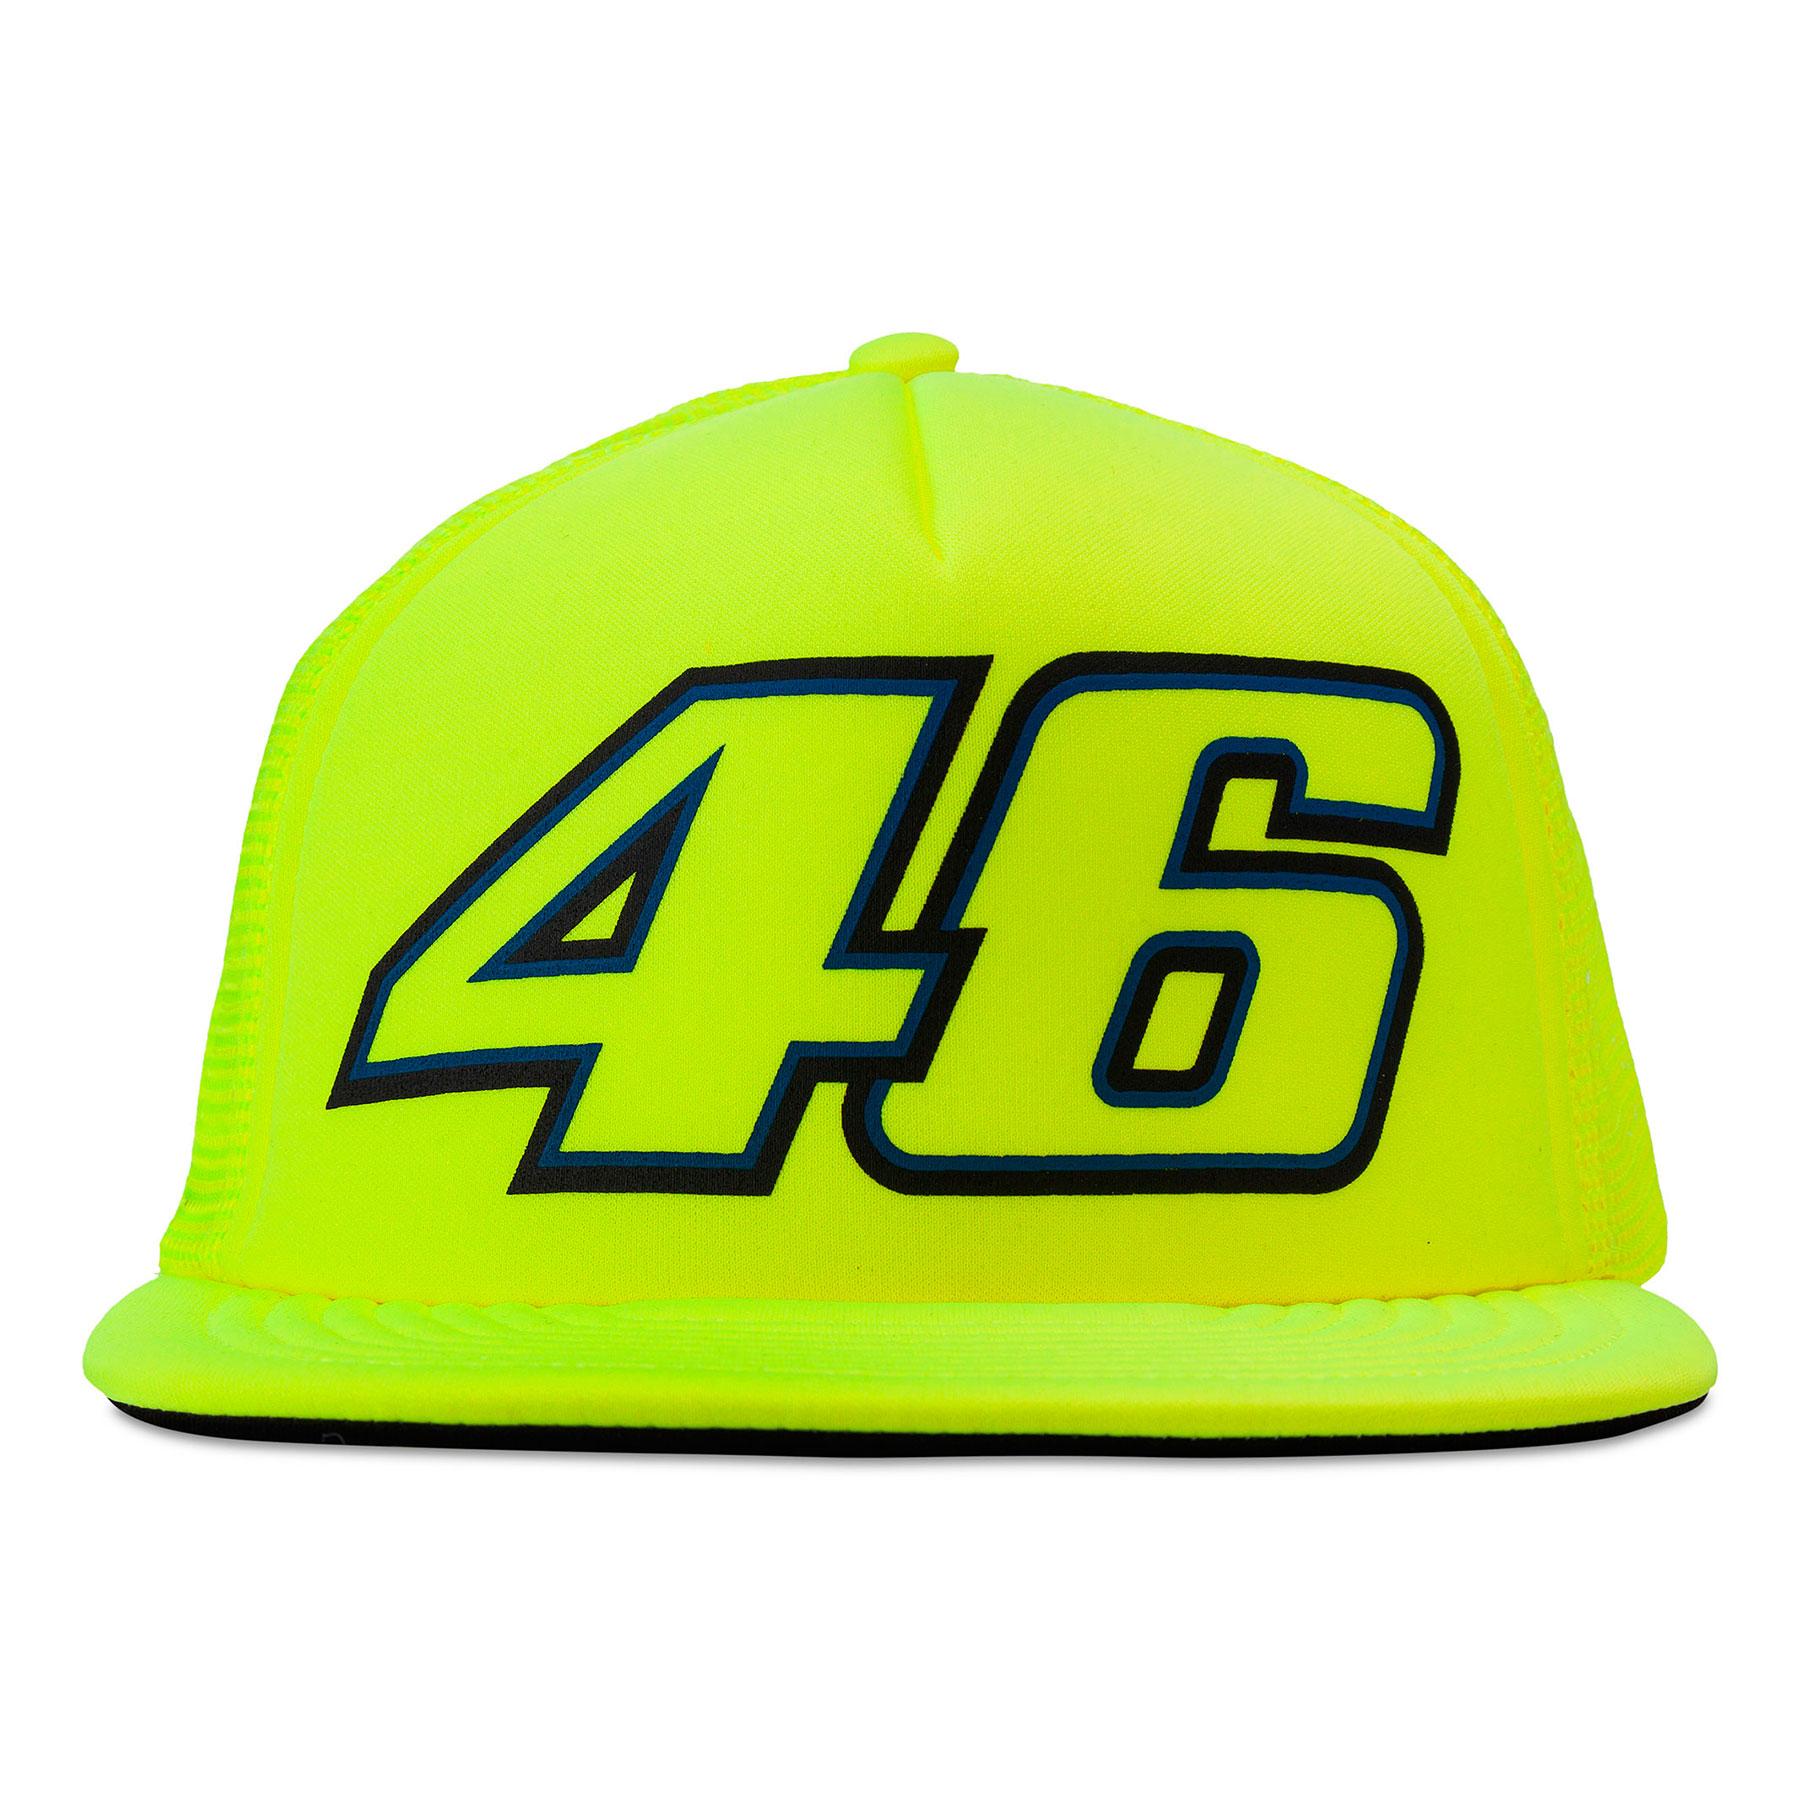 dac8168abe919 Gorra Valentino Rossi 46 Amarilla 2017 en Motorbike Store